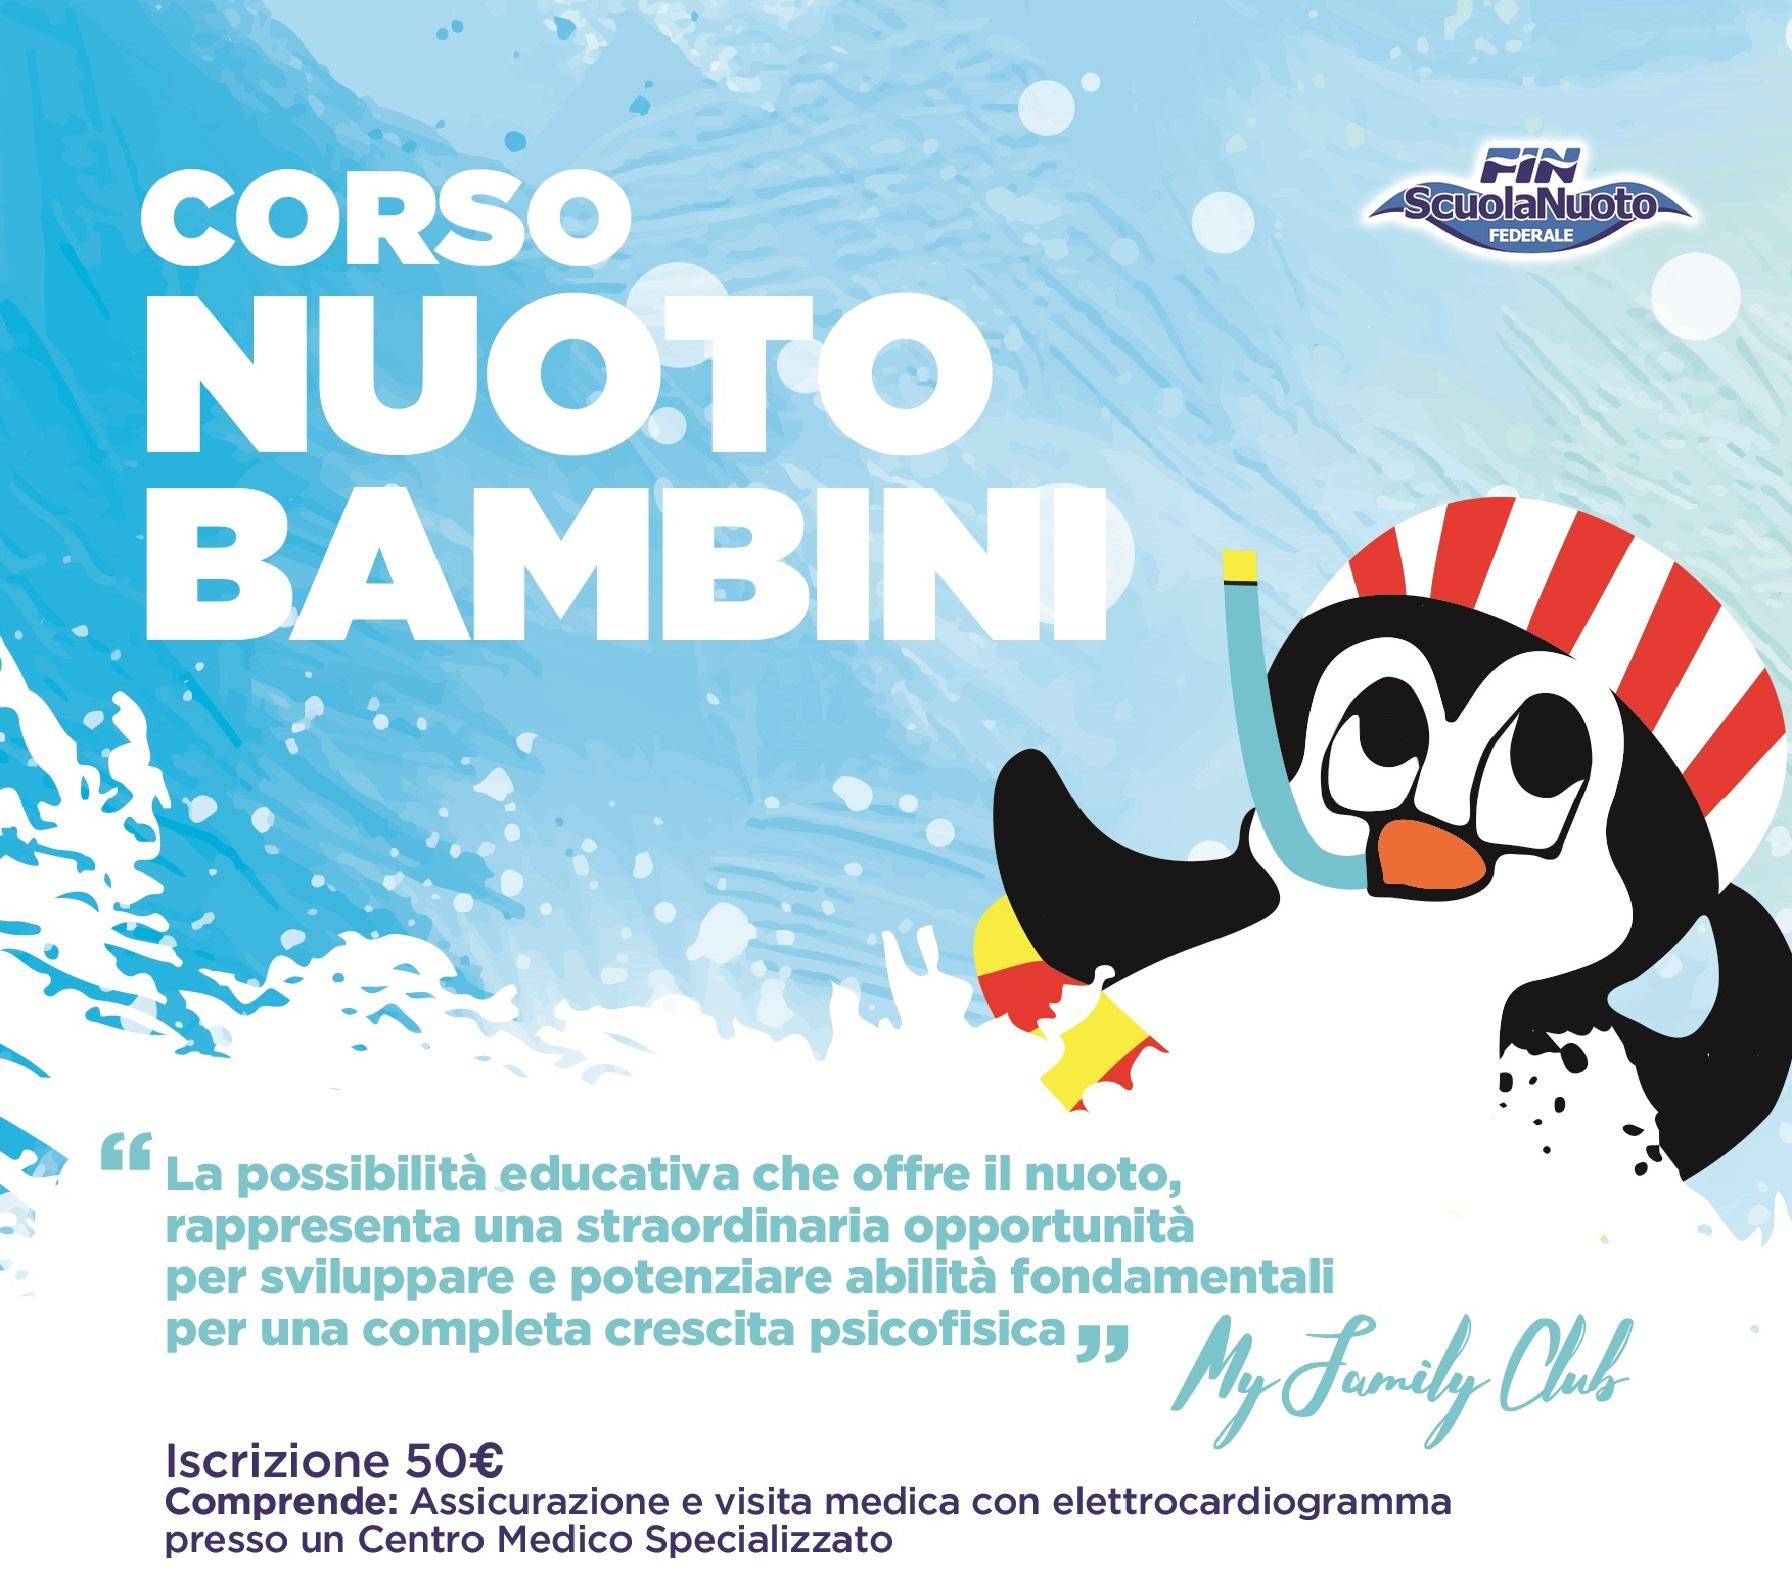 Scuola nuoto bimbi 2018